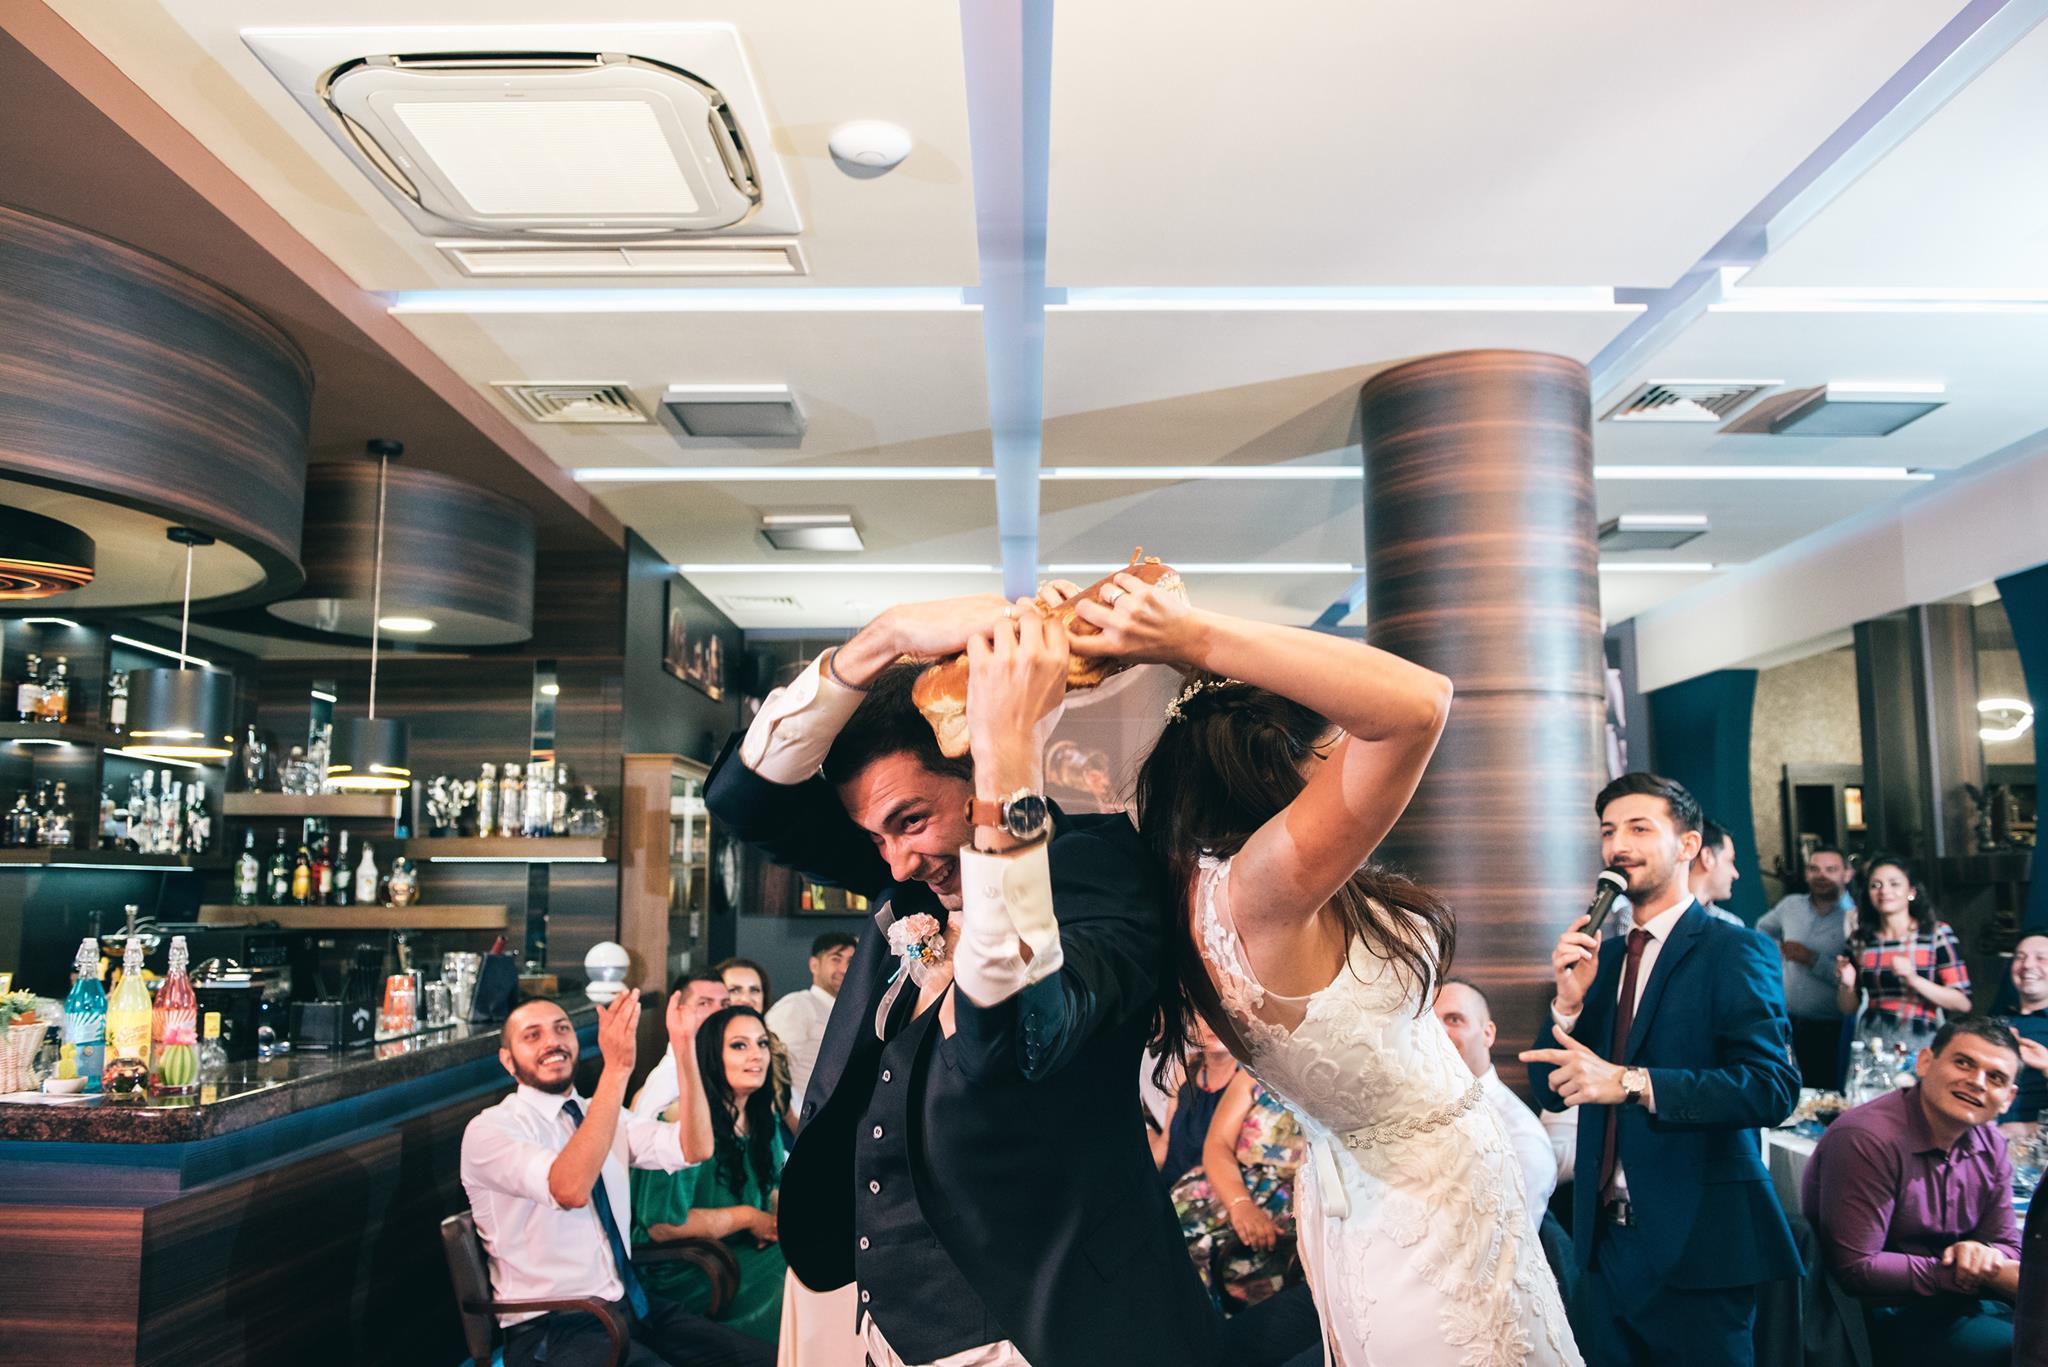 Когато в една приказка главните герои са млади, влюбени и усмихнати като Vasilena & Ivan, a действието е на уникалното място - FORUM Lounge Bar And Restaurant, няма как тяхната сватба да не е уникална! Благодарим, че я разказахме заедно! Водещ: Теодор Тодоров - #TopHost DJ: Мирослав Ангелов - #DJBesti Фото: Александров